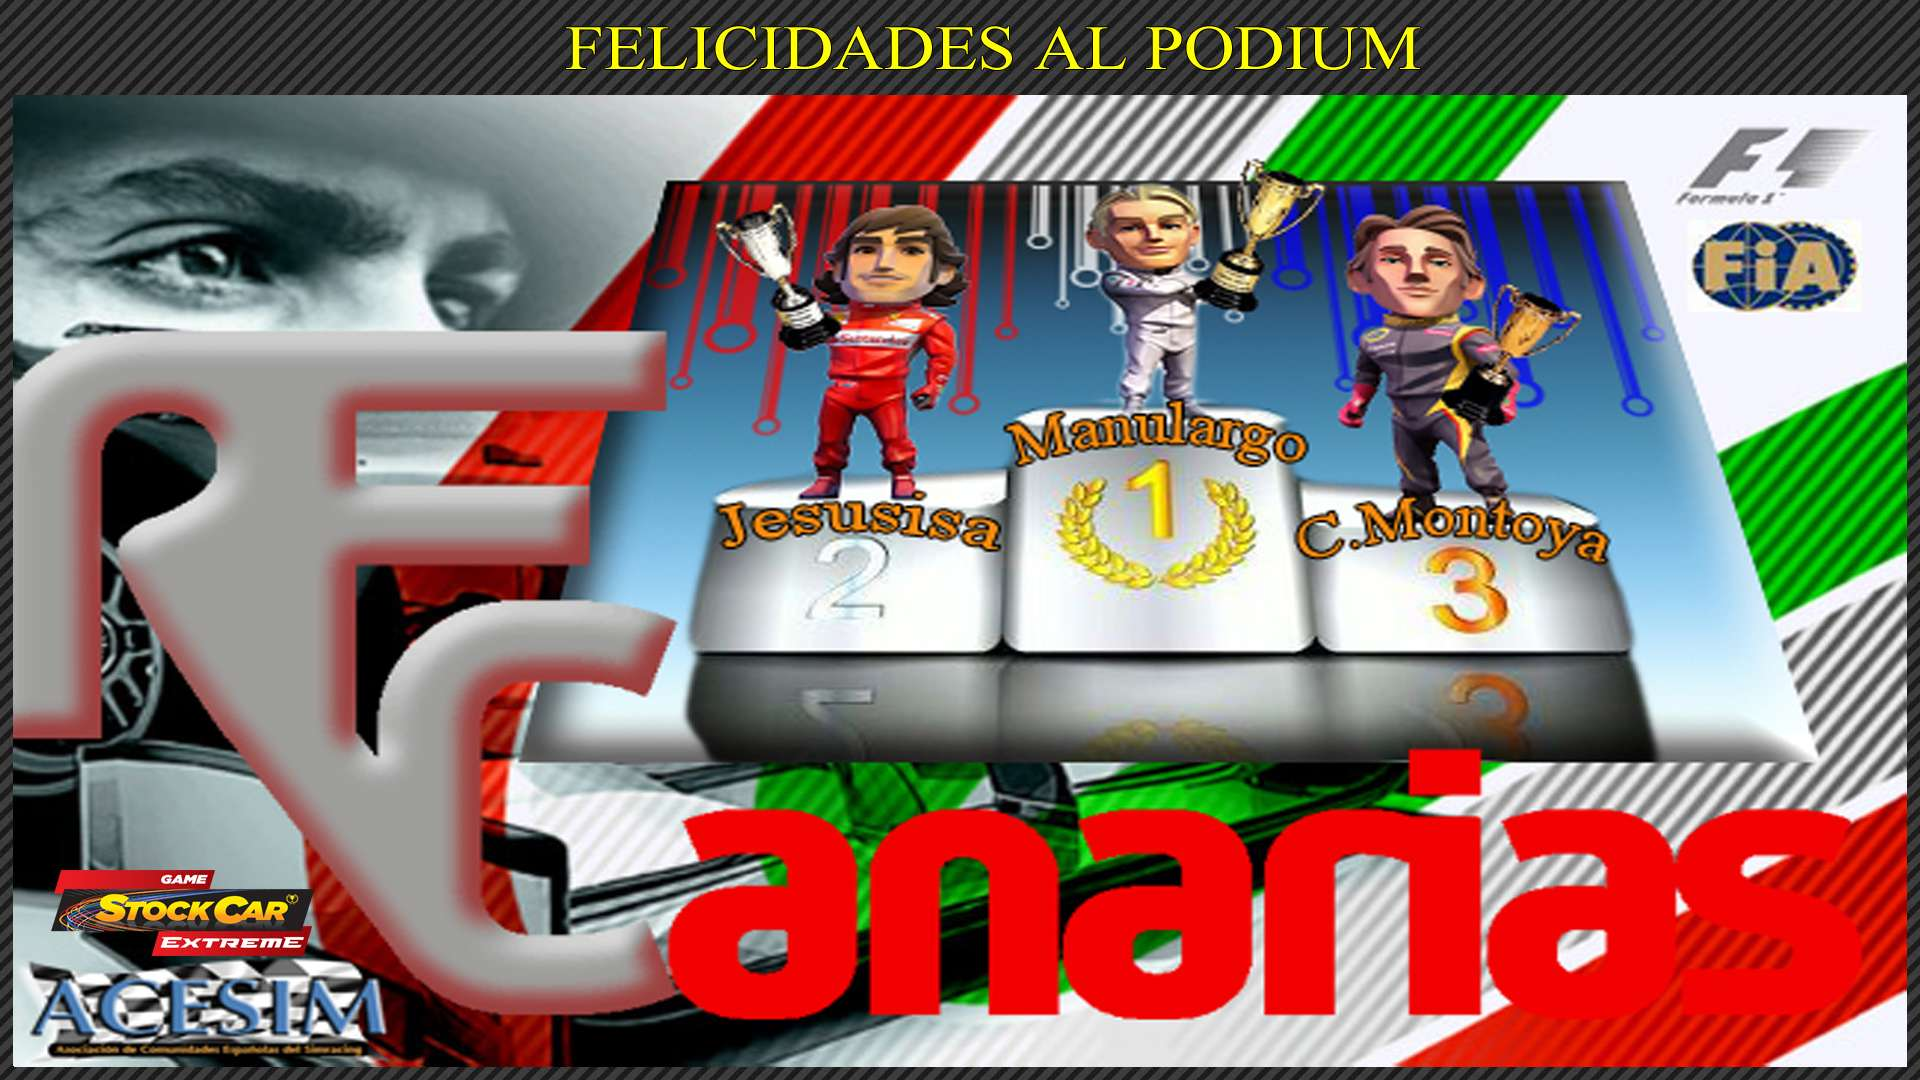 PRESENTACION GP F1-2015 Podium11